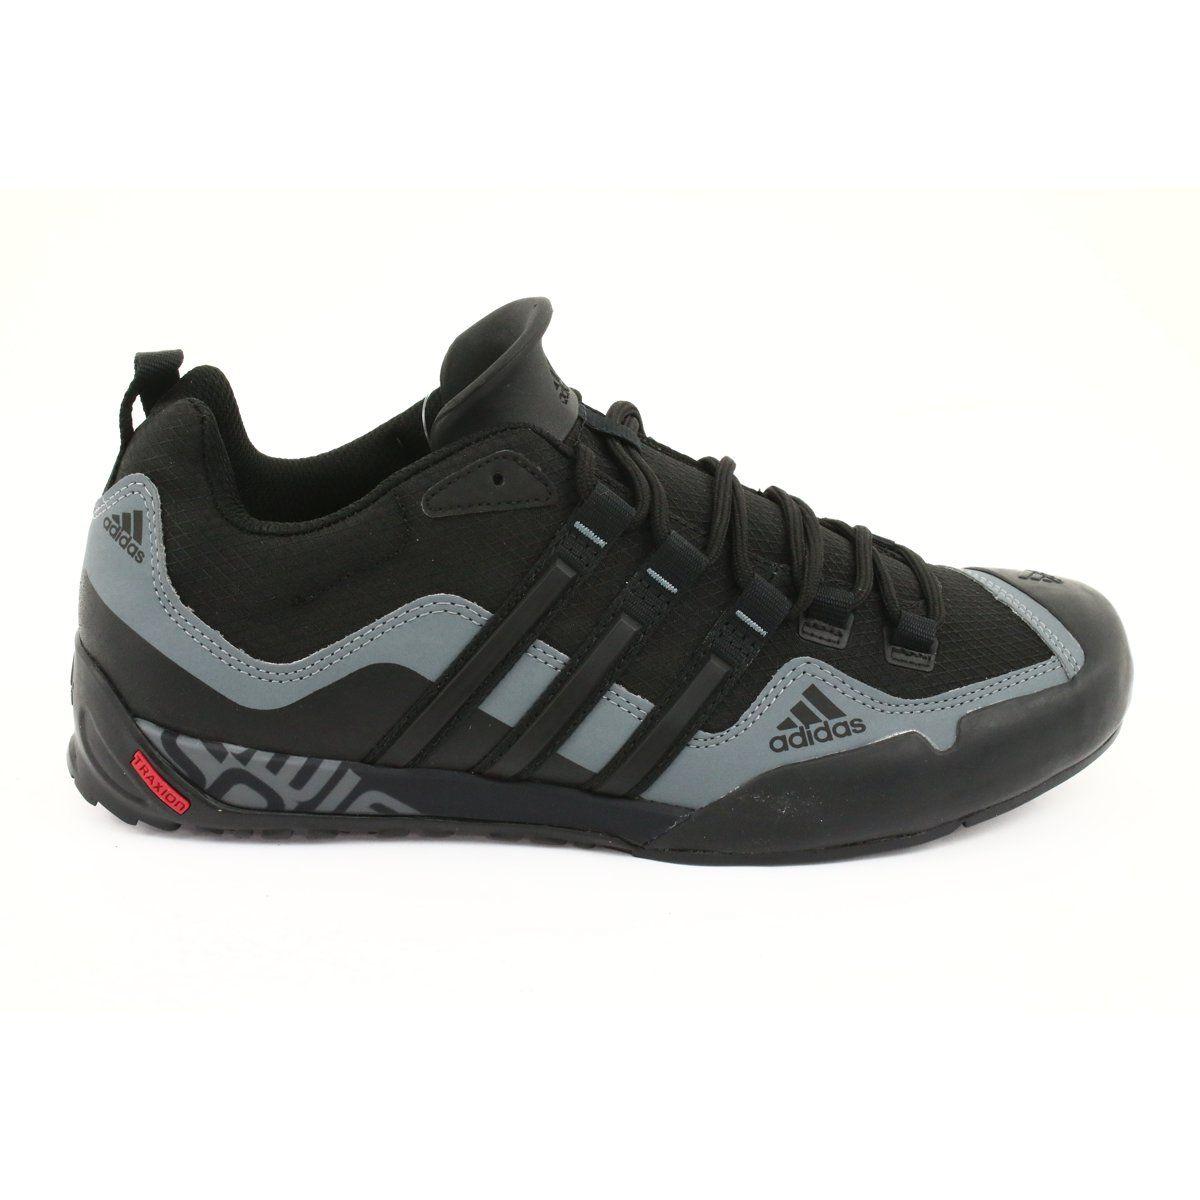 Buty Adidas Terrex Swift Solo M D67031 Czarne Szare Black Shoes Sports Footwear Sports Shoes Adidas